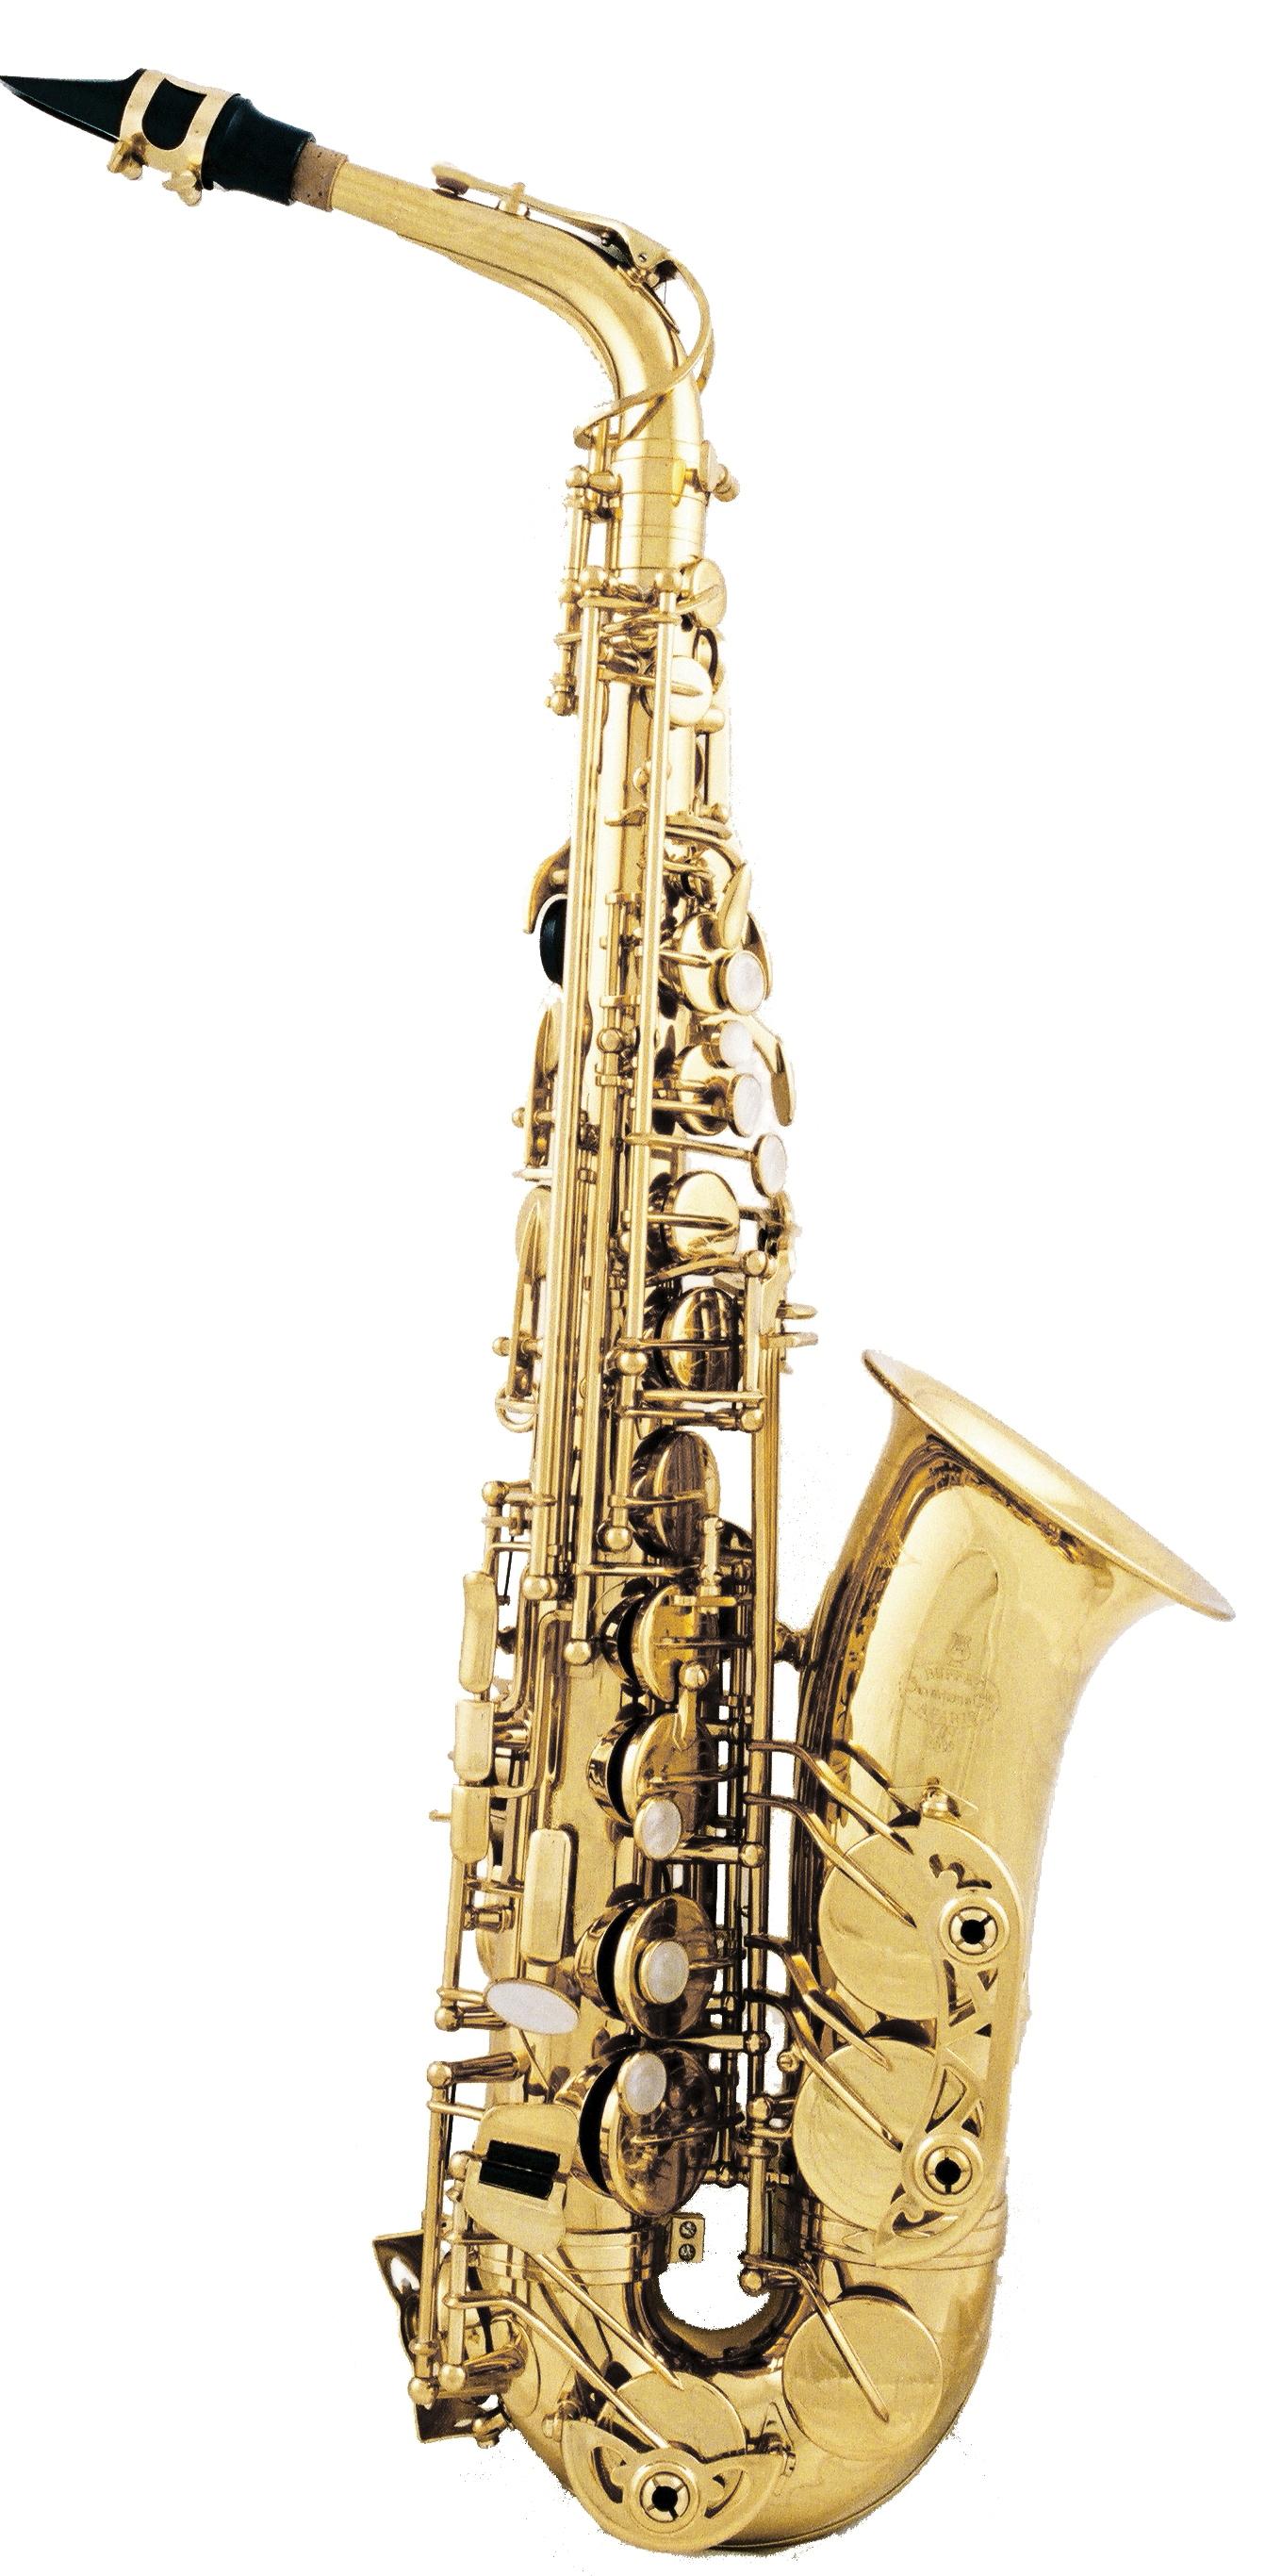 Buffet - BC - 8401 - 1 - 0 - Serie 400 - Holzblasinstrumente - Saxophone | MUSIK BERTRAM Deutschland Freiburg